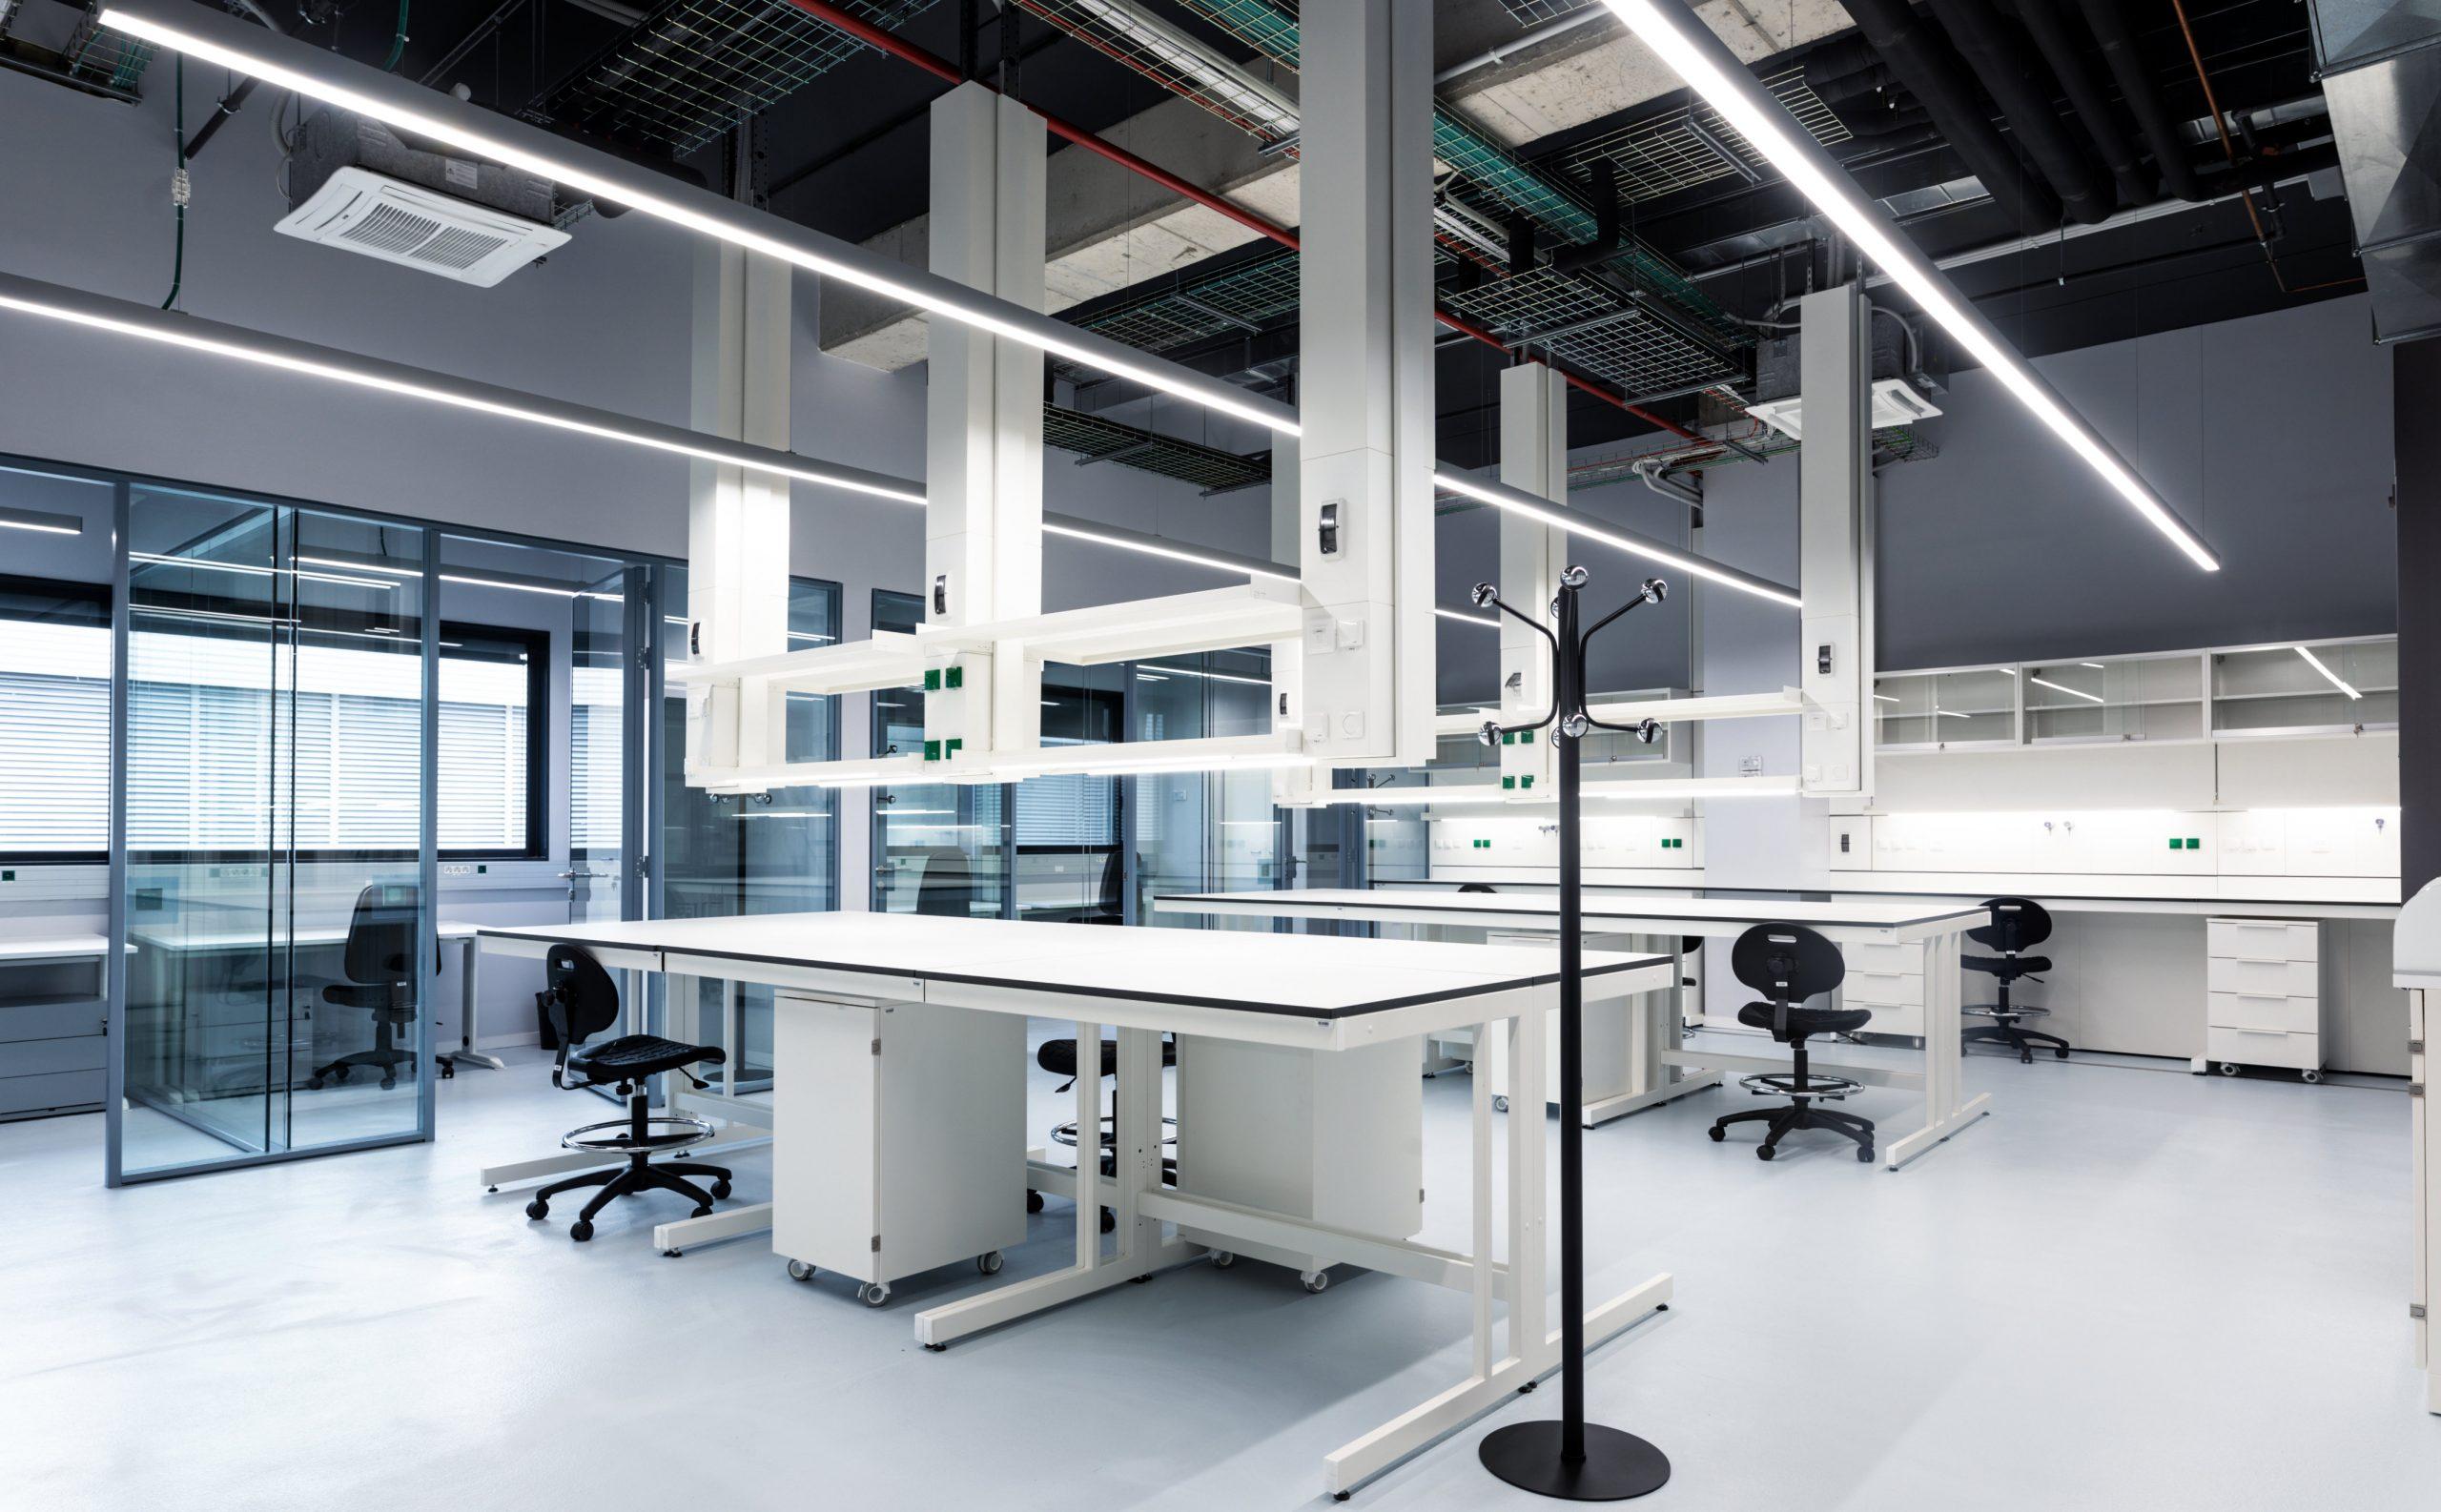 Un laboratori del PCB on s'allotjaran empreses biotecnològiques   ACN